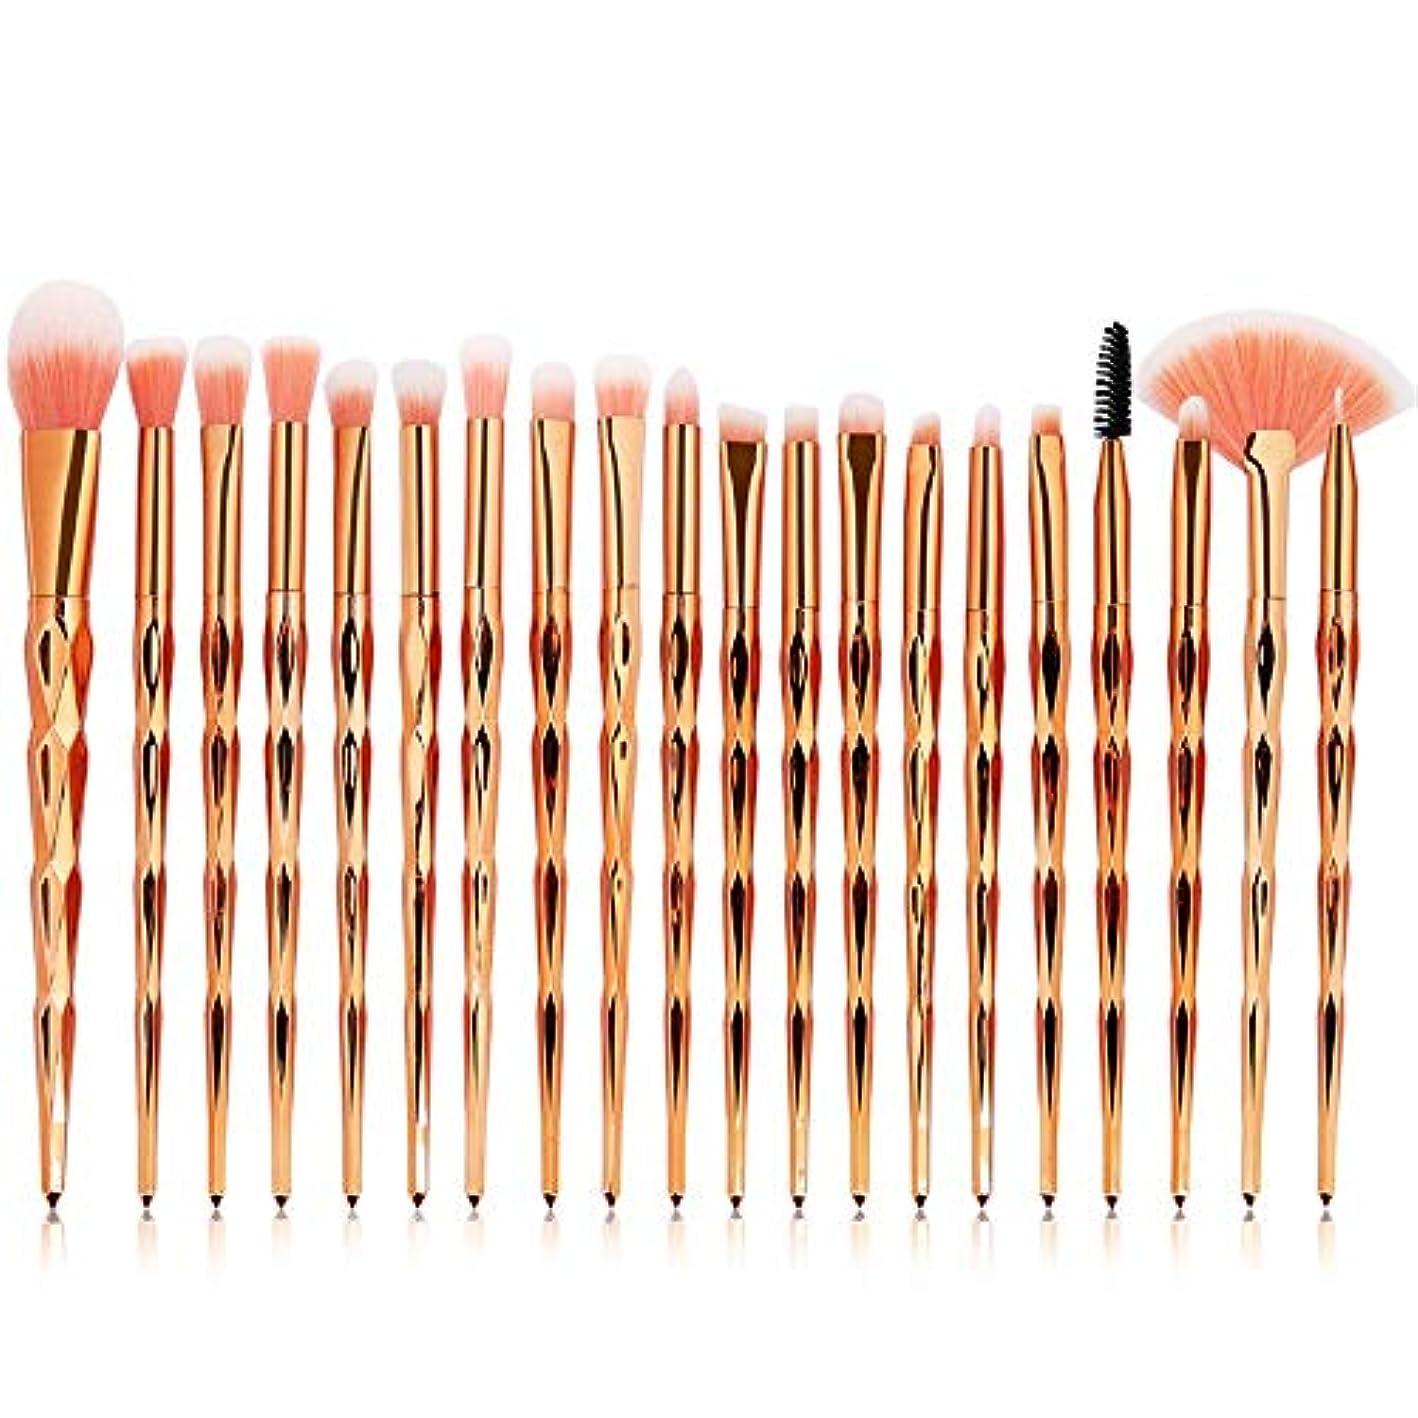 そして関与する衣類Makeup brushes イエロー、20ダイヤモンドメイクブラシセットファンデーションパウダーブラッシュアイシャドウリップブラシモトリーメイクメイク suits (Color : Golden)